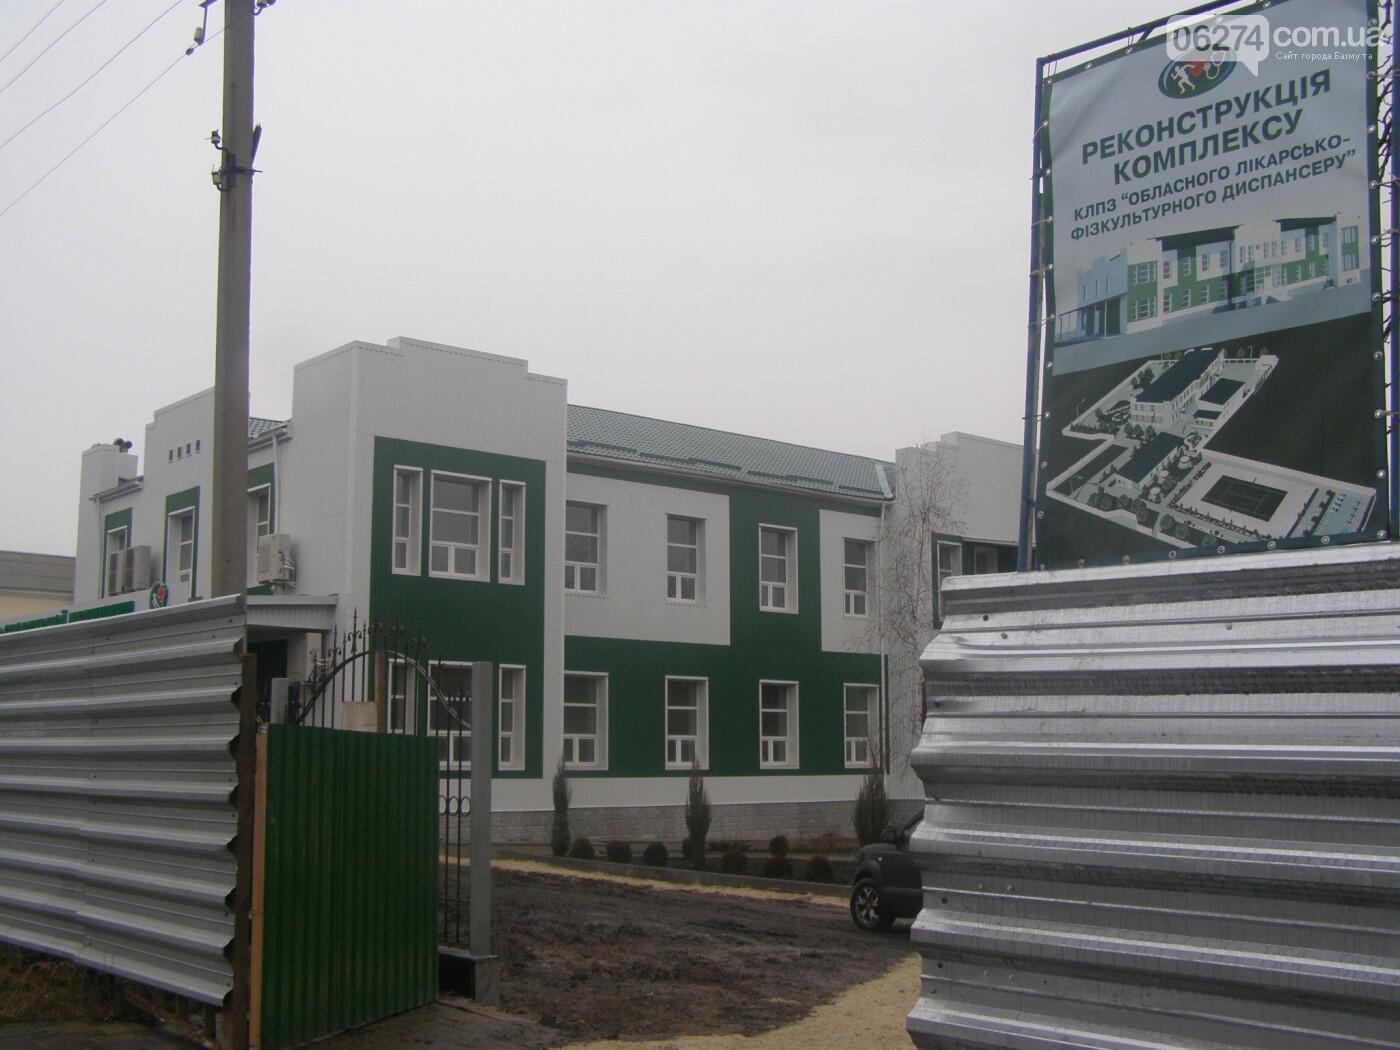 Во врачебно-физкультурном диспансере в Бахмуте завершена реконструкция главного корпуса, фото-3